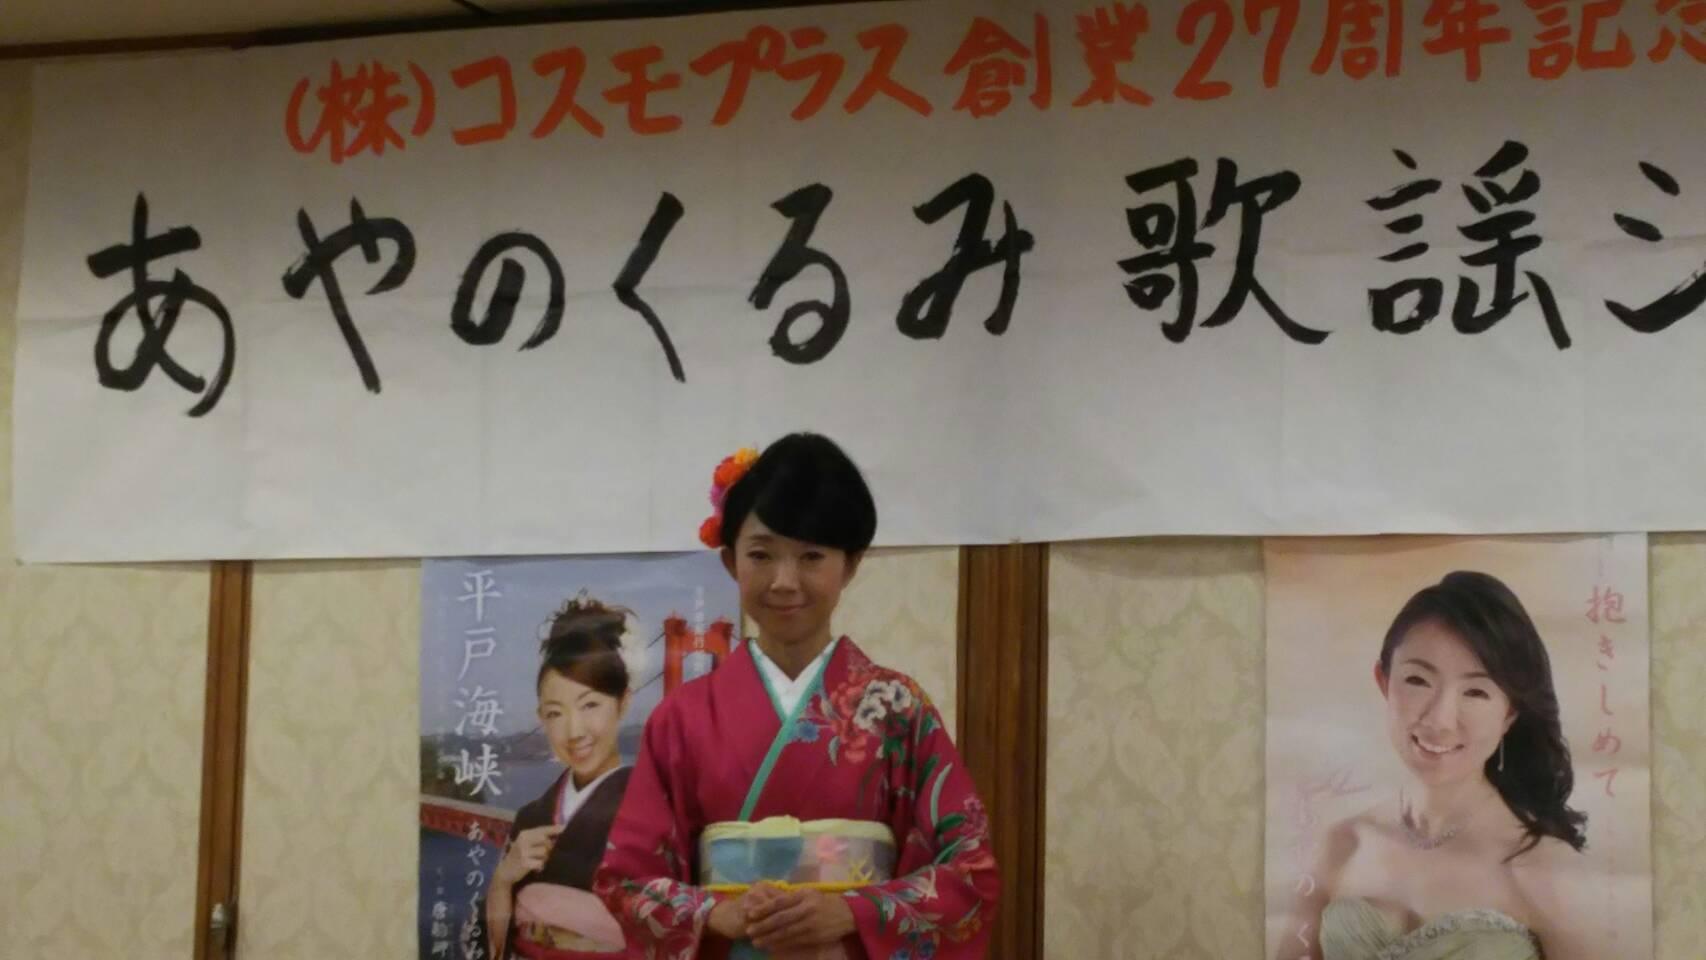 コスモプラス27周年創業感謝祭 in 熊本_f0165126_16380995.jpg